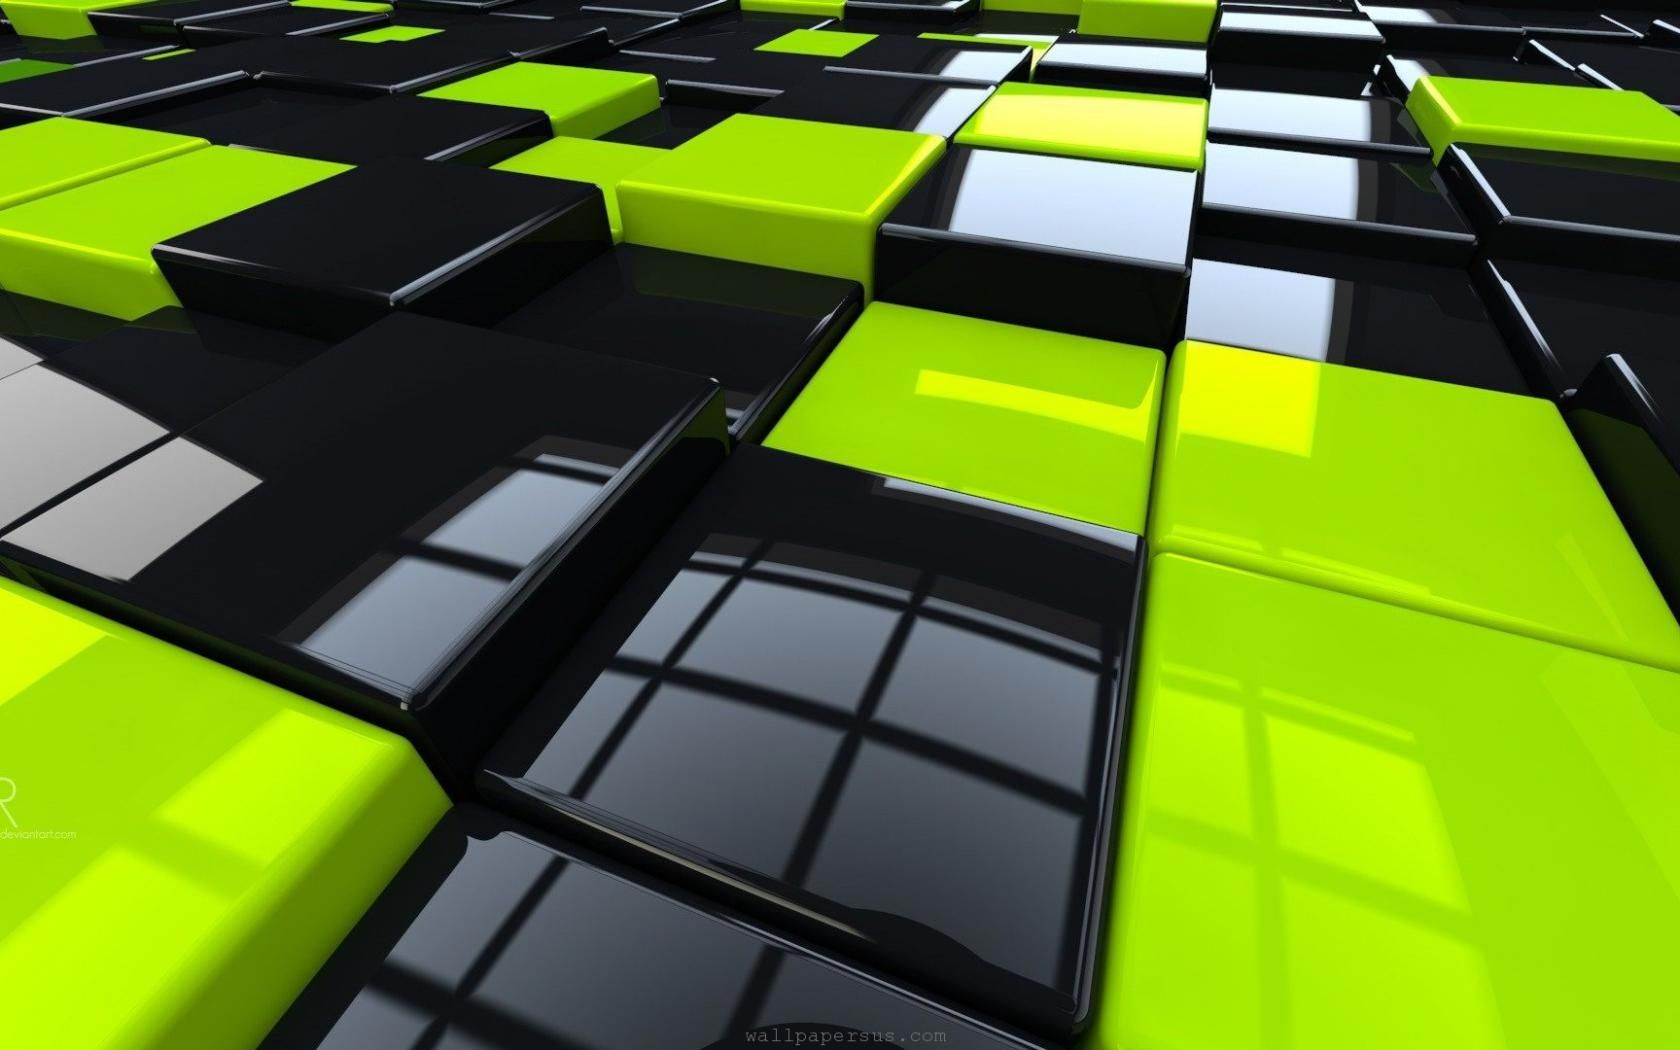 3d Wallpaper High Definition 3d Cube Wallpaper Hd Wallpaper Black Wallpaper